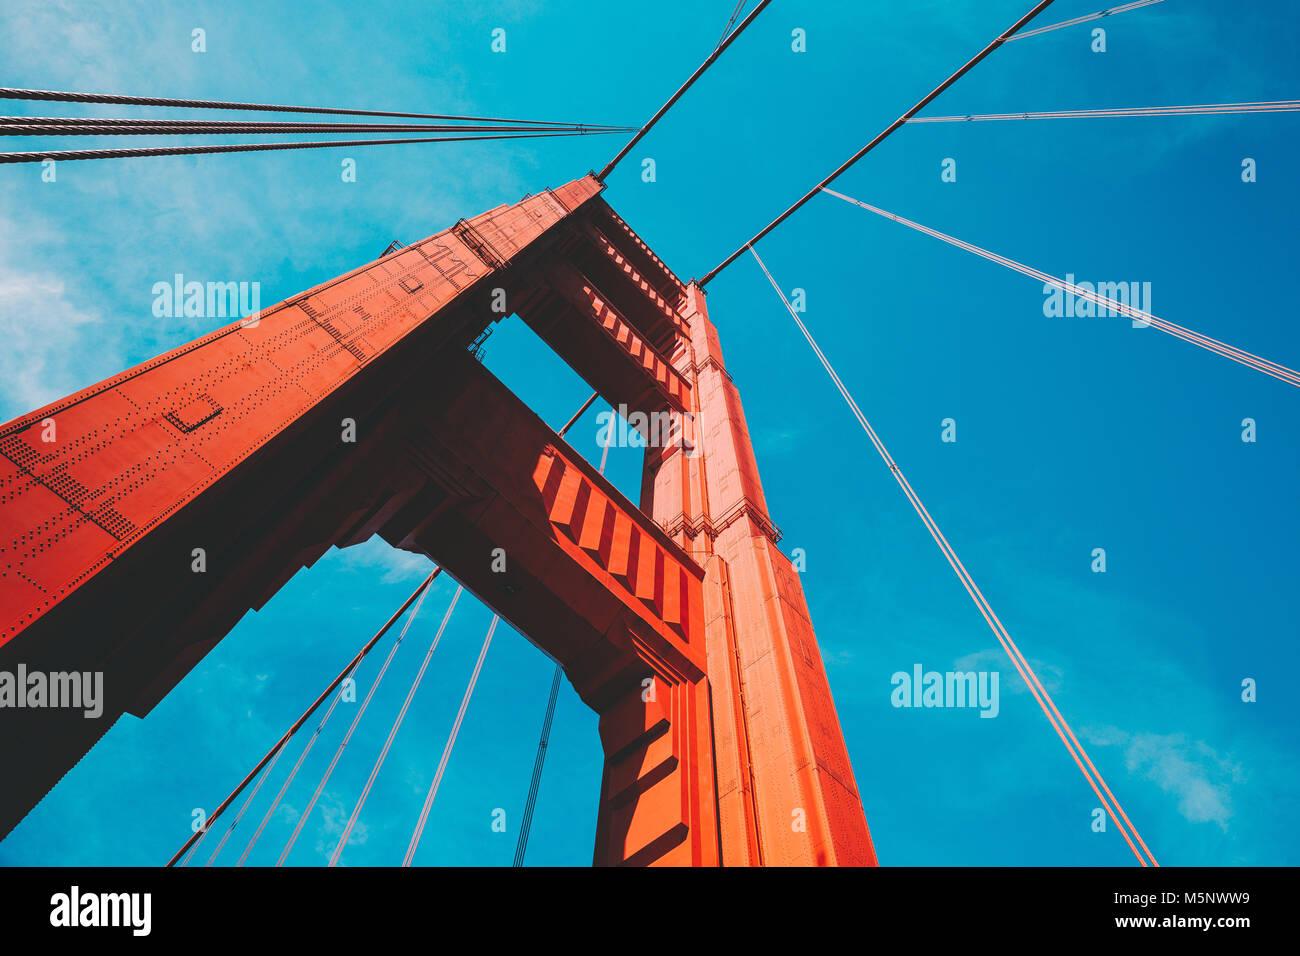 Splendido angolo basso vista del famoso Ponte Golden Gate con cielo blu e nuvole in una giornata di sole in estate Immagini Stock